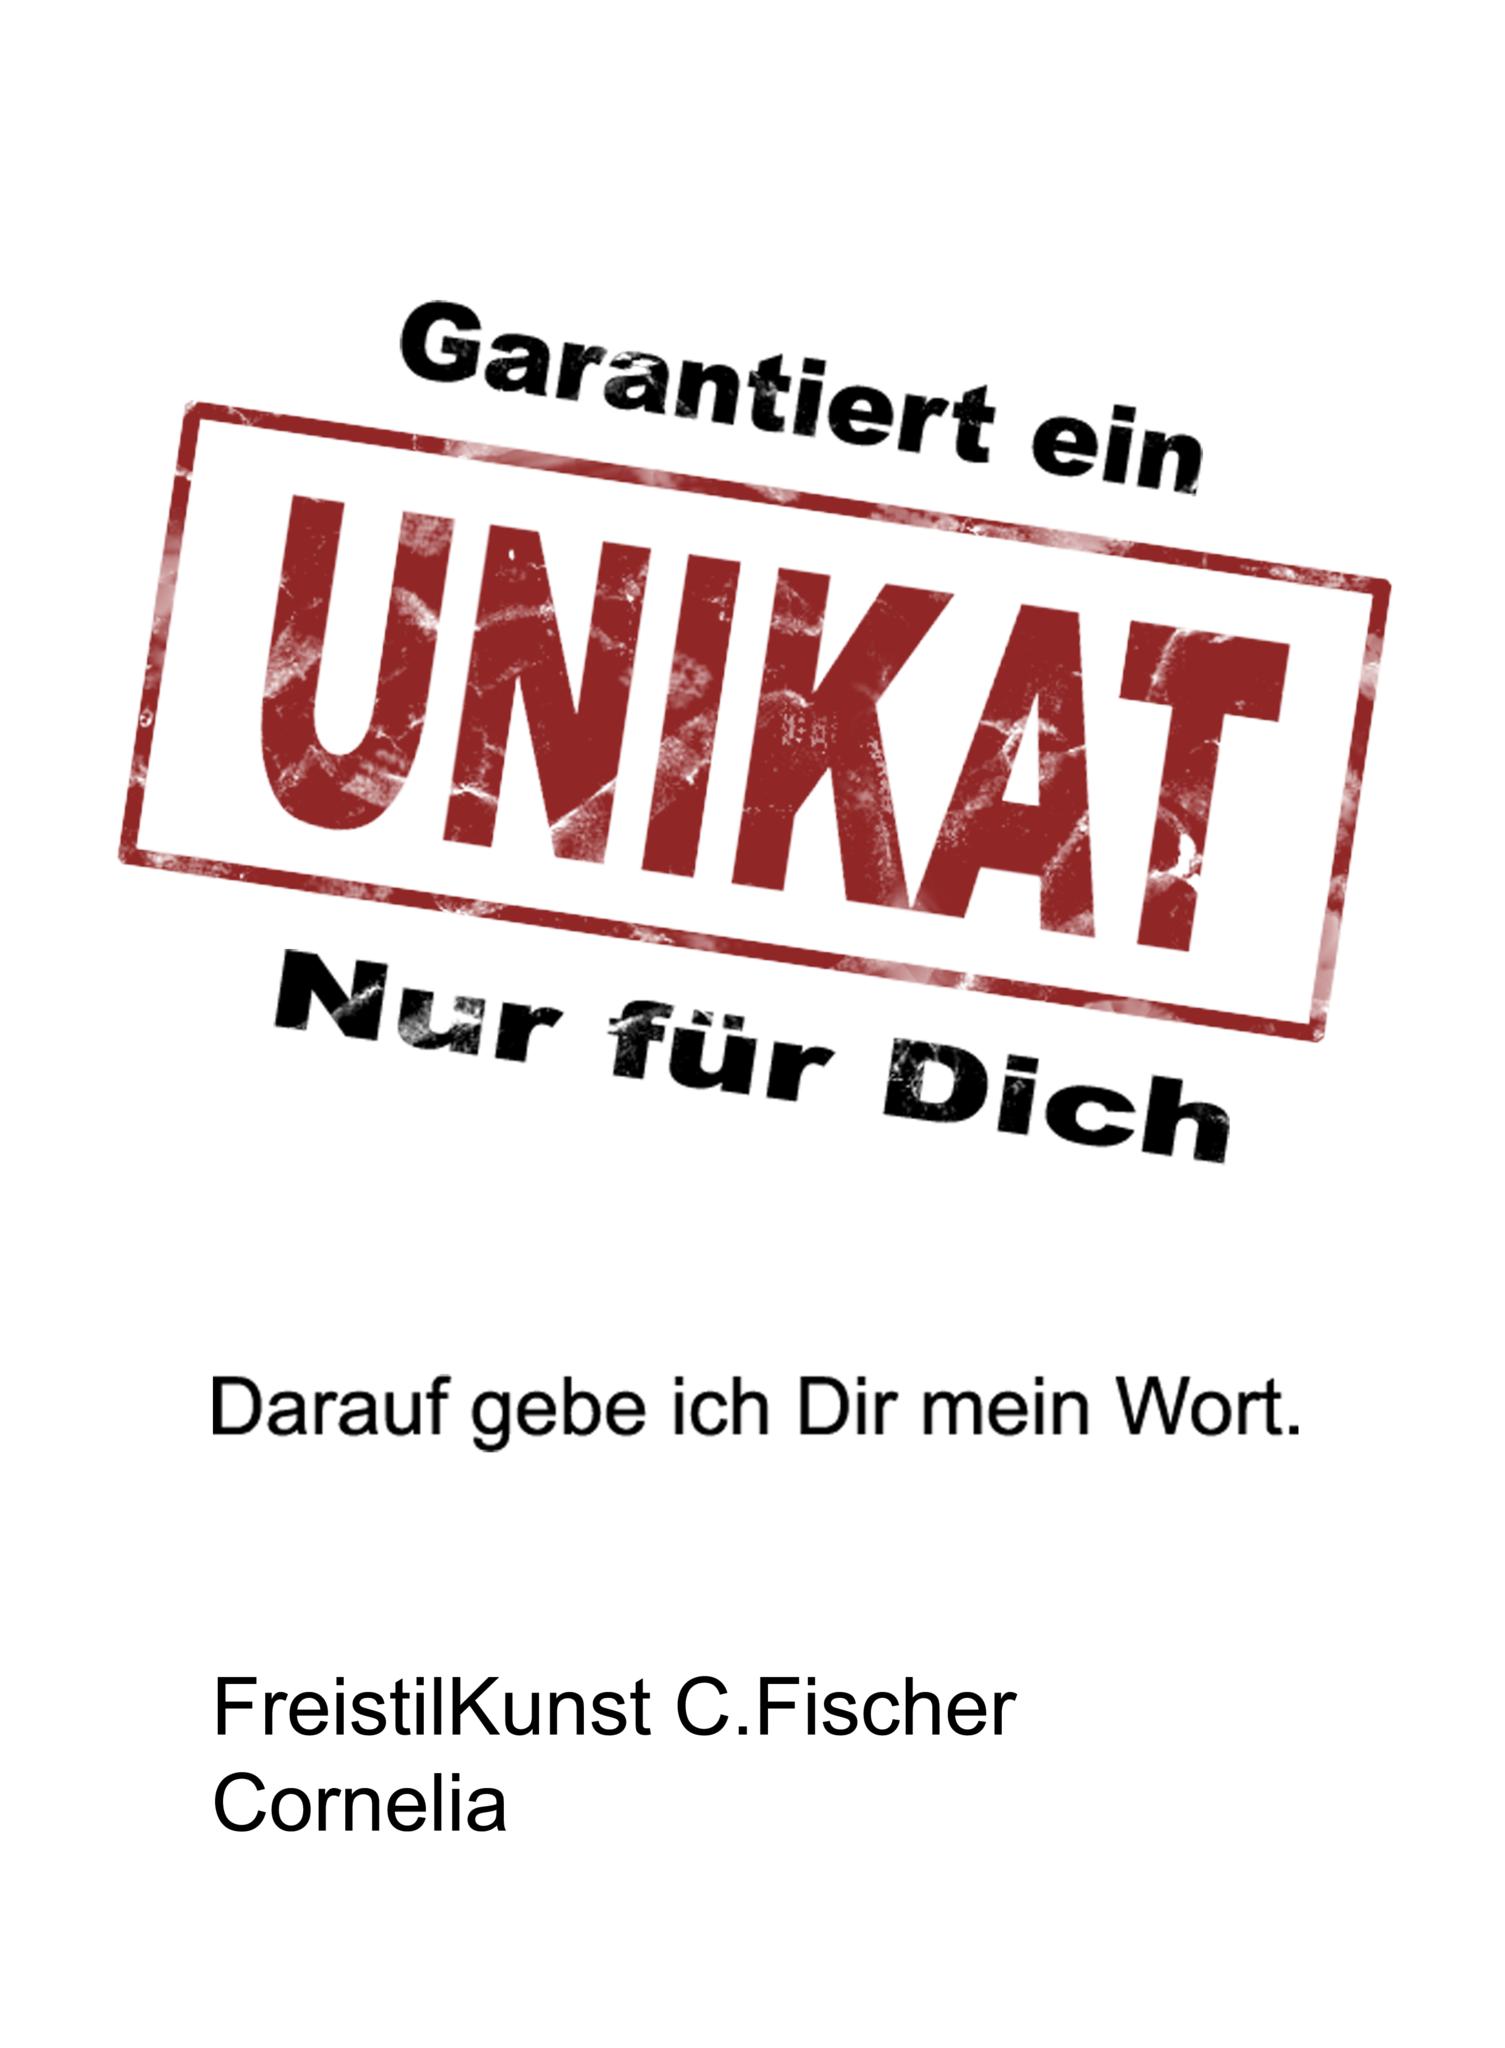 C.Fischer Luxuriöse Designer Reisetasche: Zeitgeist